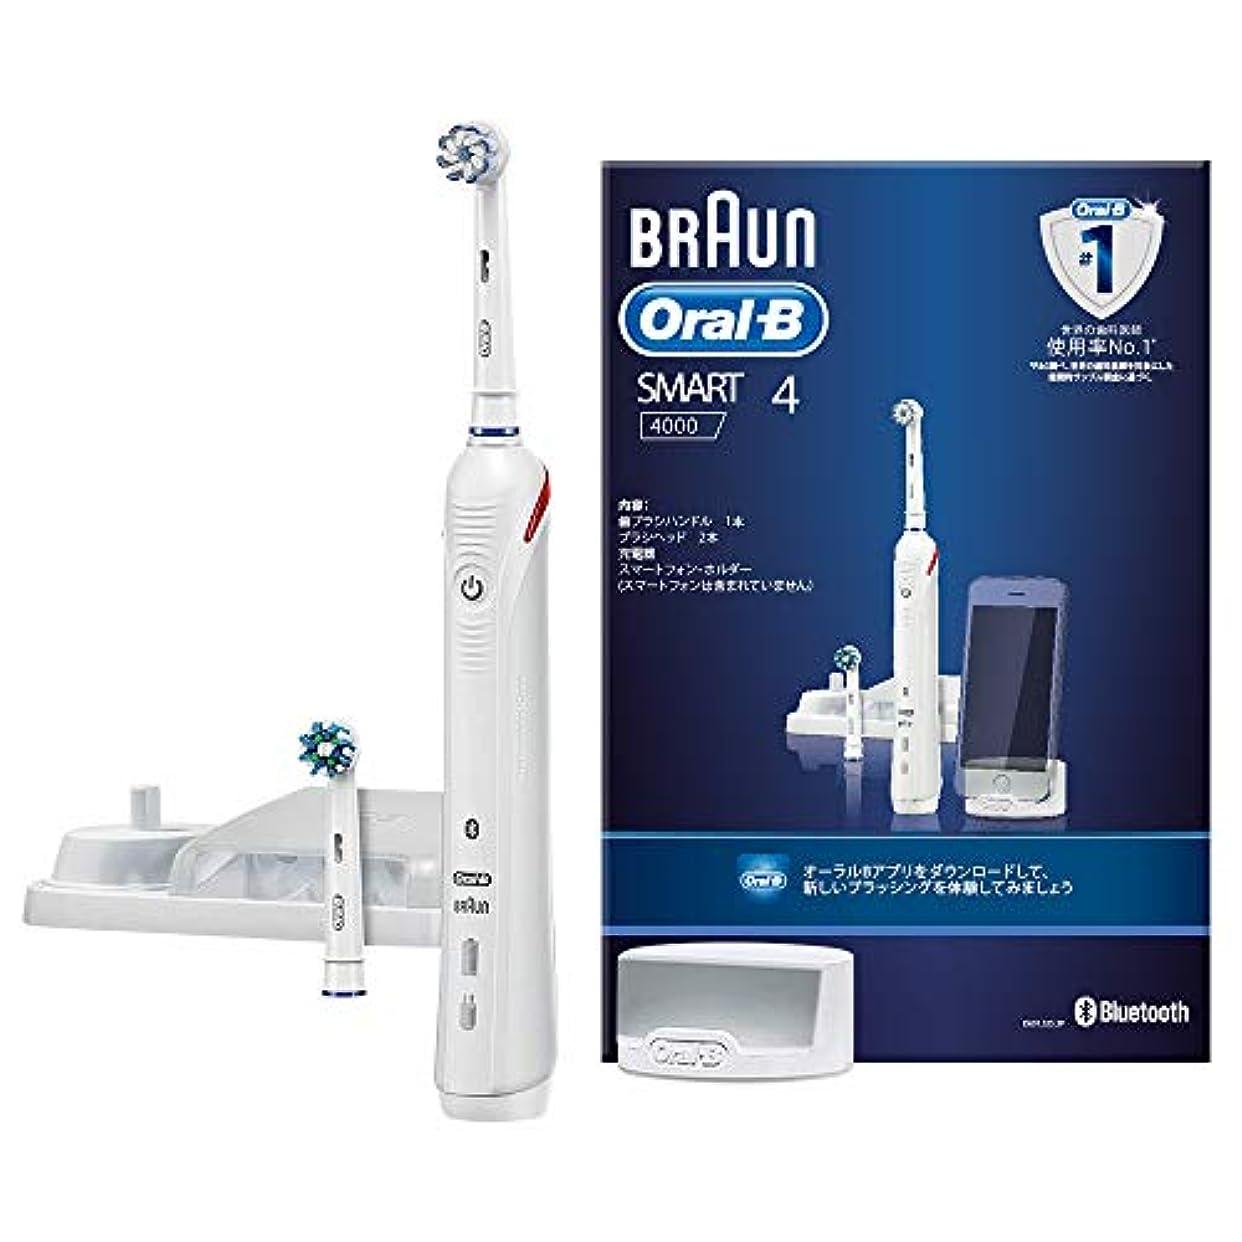 伝える商品置くためにパックブラウン オーラルB 電動歯ブラシ スマート4000 D6015253P